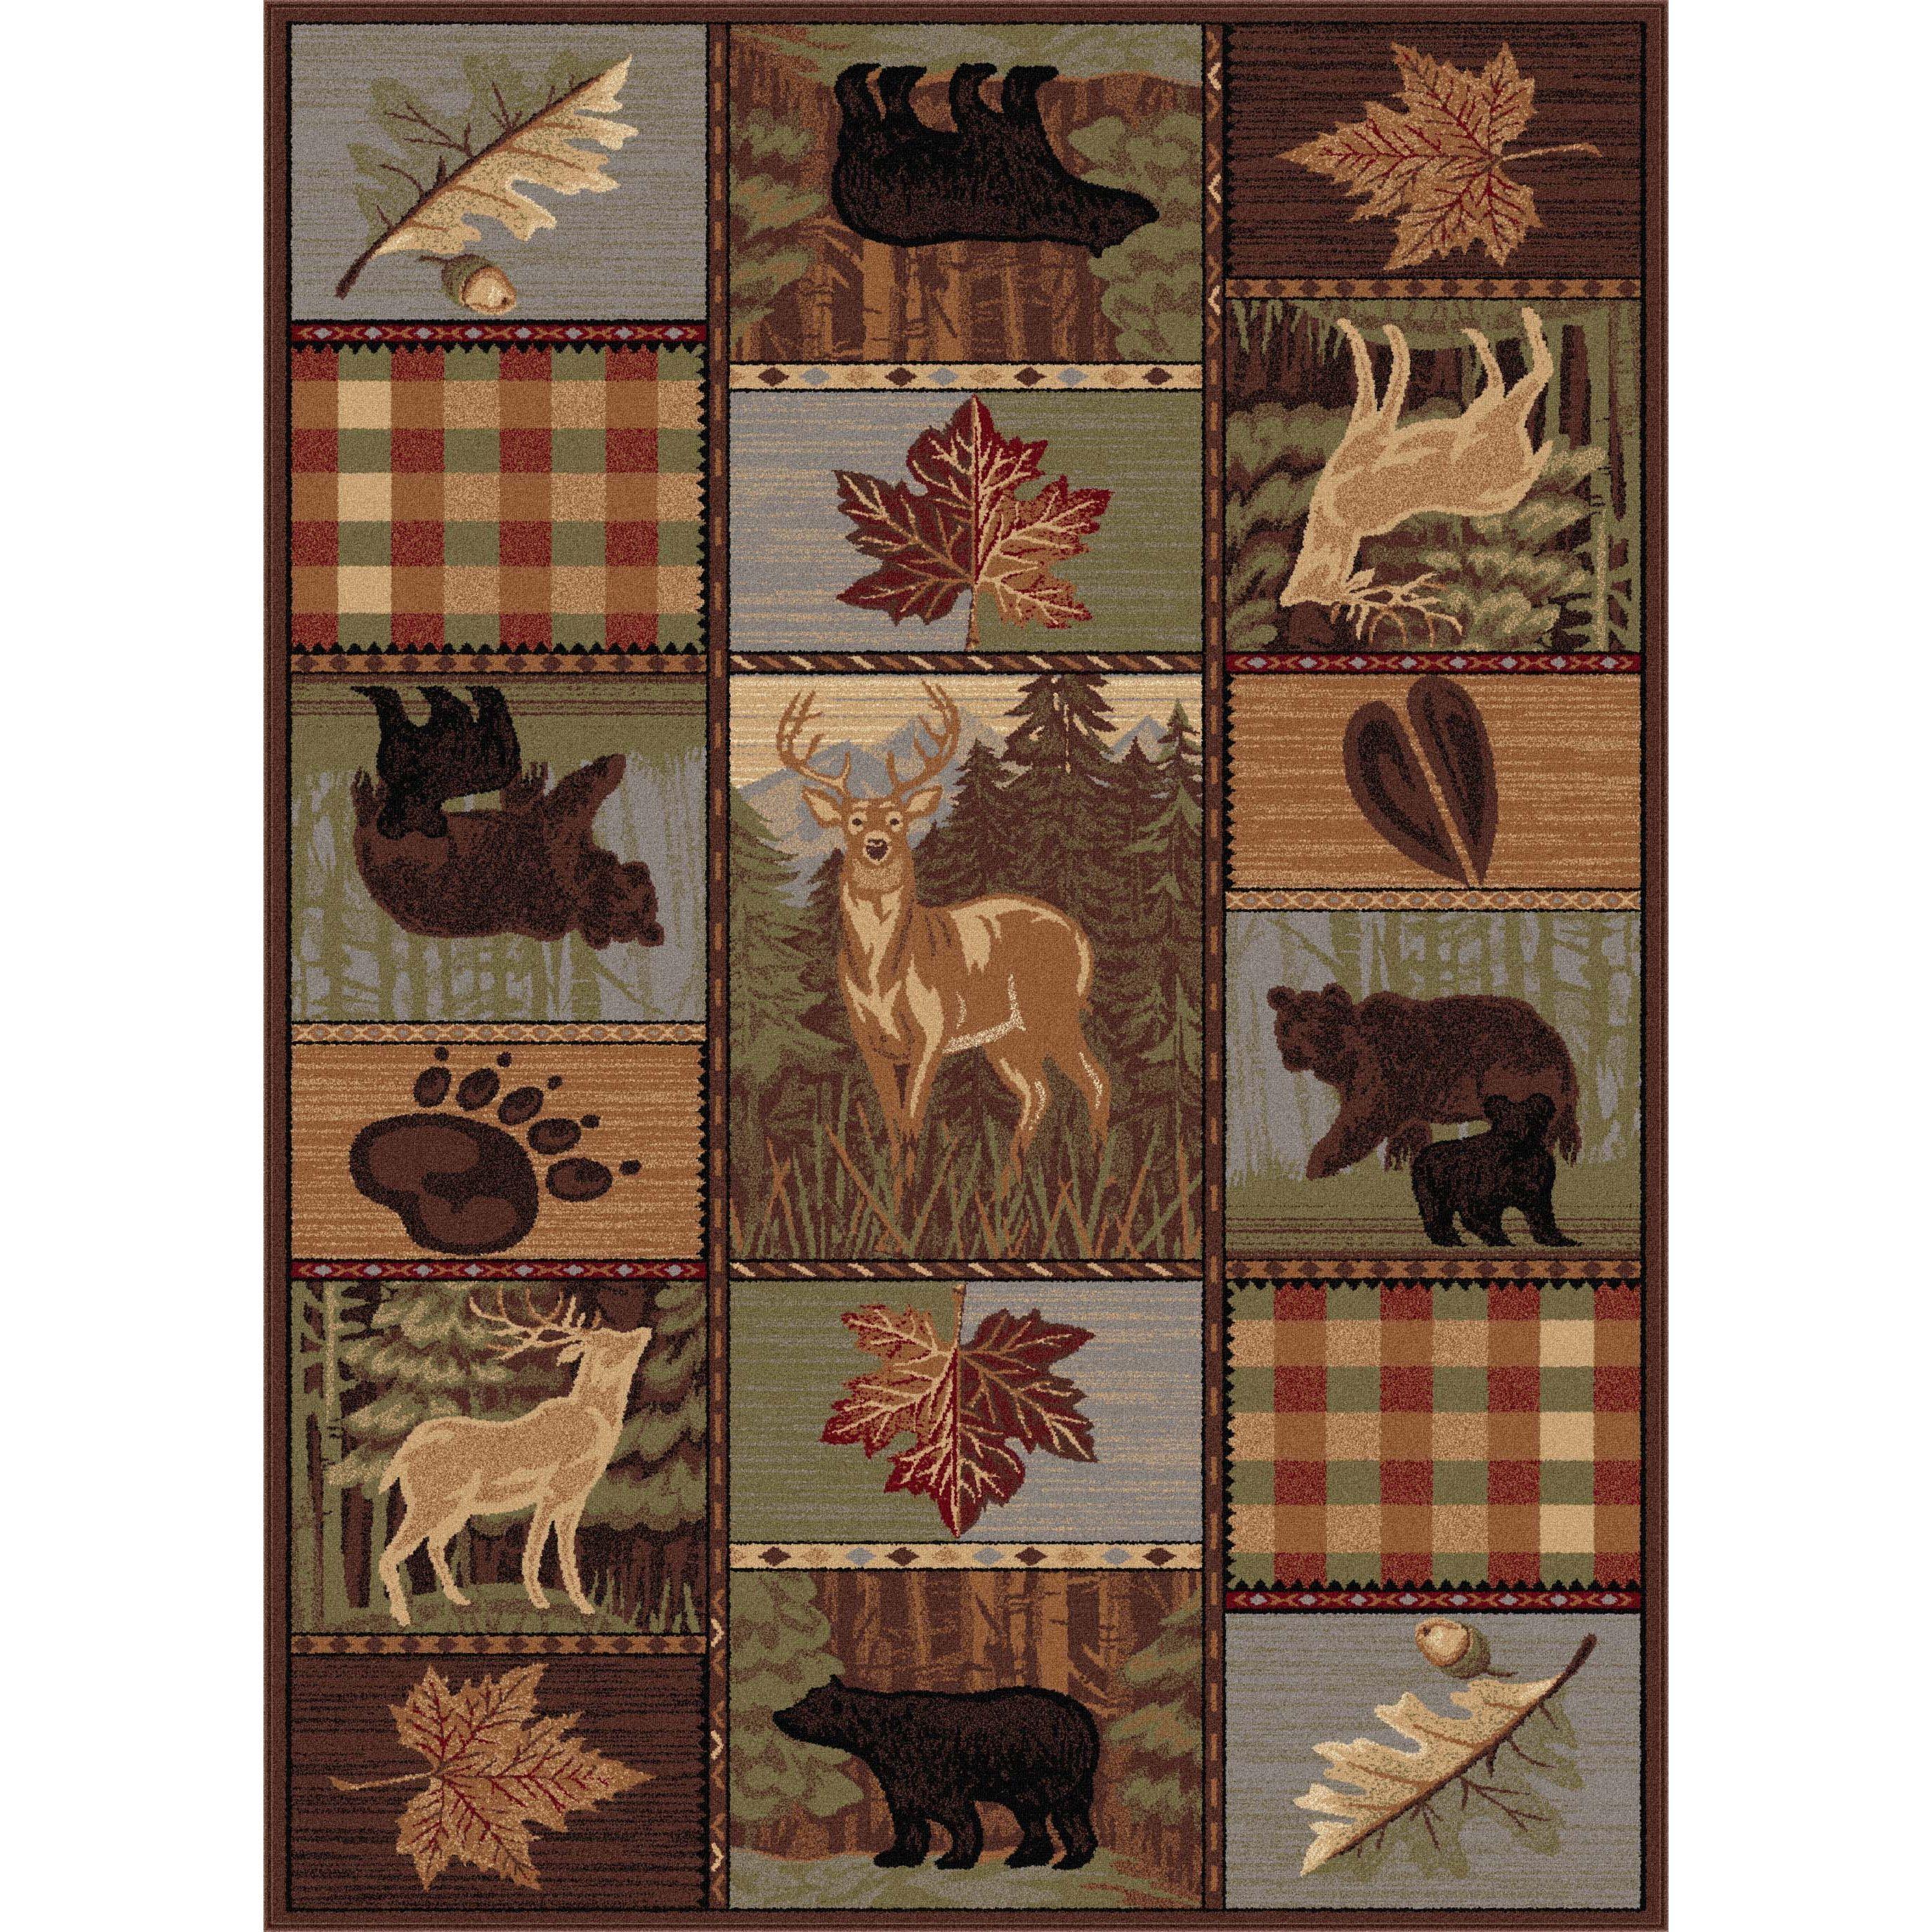 Georgette Designer Anarkali Salwar Kameez Embroidery Work In Brown Color Georgette Designer Anarkali Salwar Kameez Embroidery Work In Brown Color Brown Things brown color salwar kameez